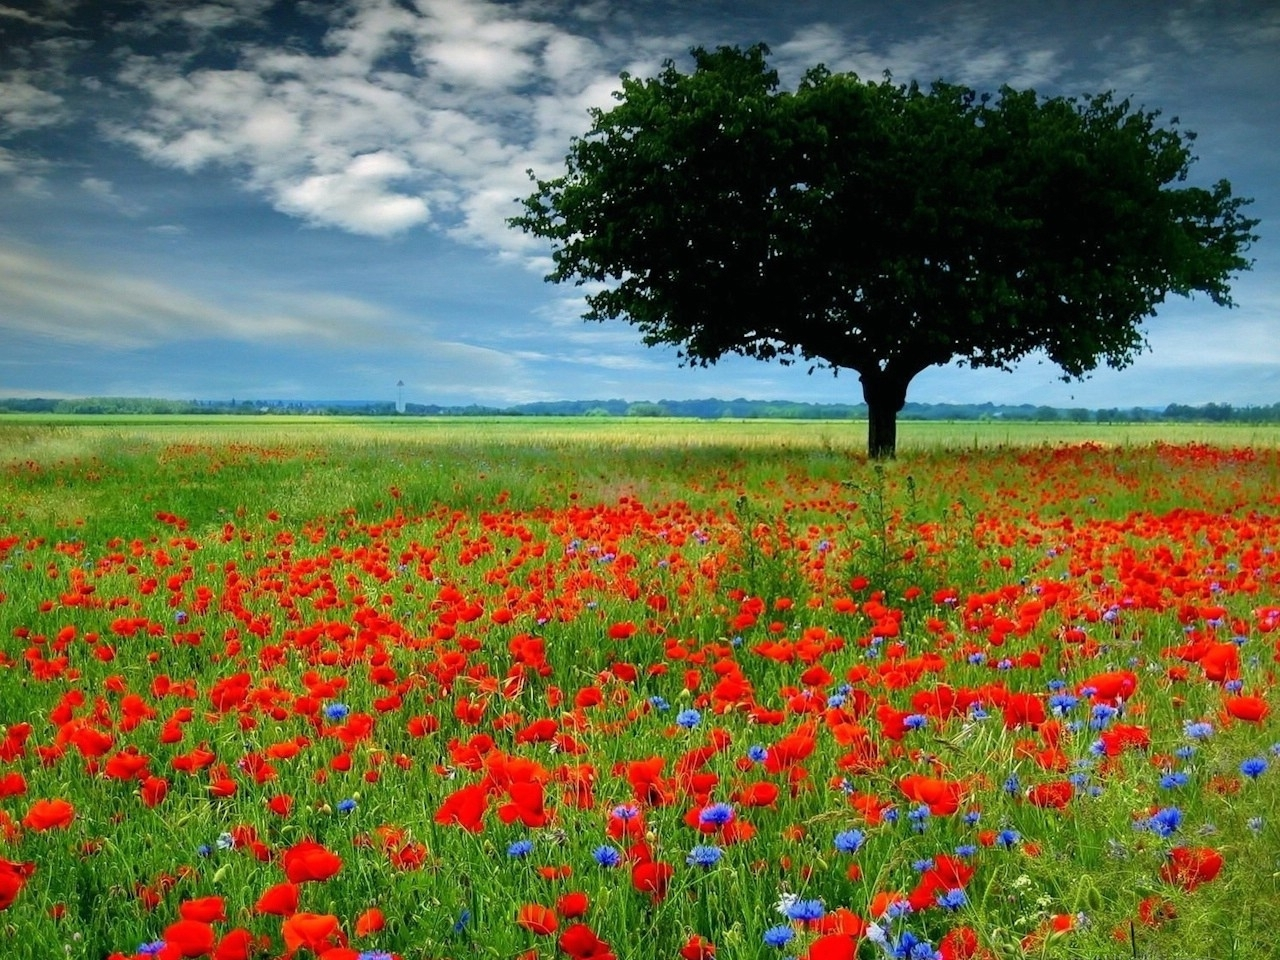 25030 Hintergrundbild herunterladen Felder, Landschaft, Bäume, Mohn - Bildschirmschoner und Bilder kostenlos